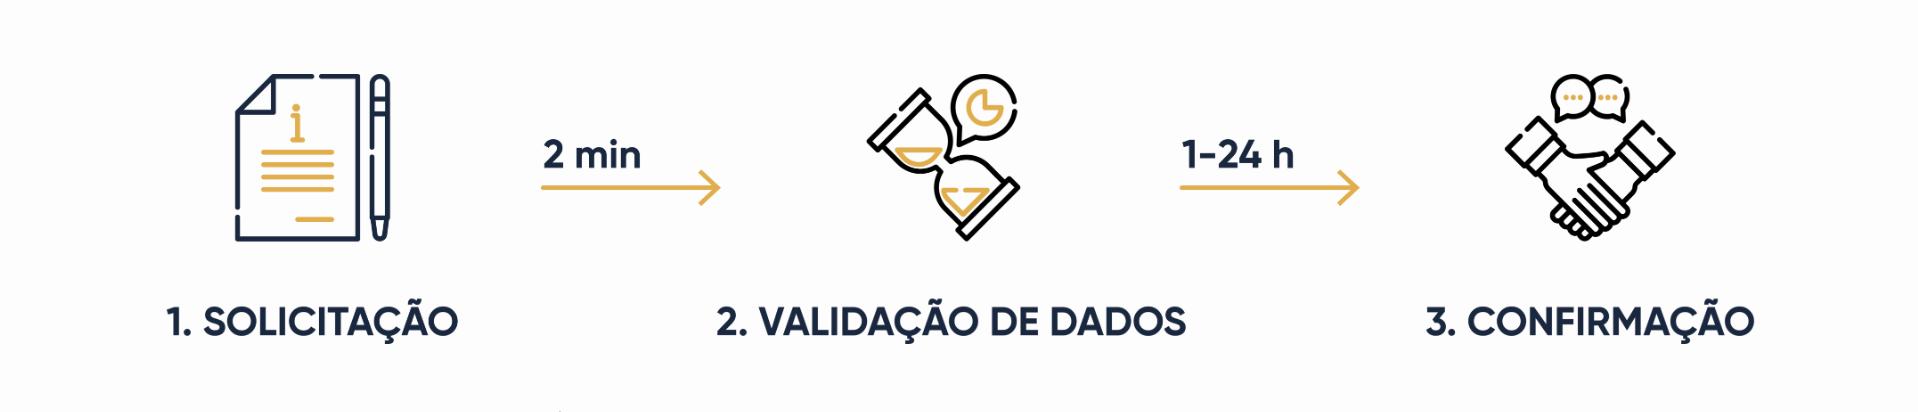 Receba o seu LEI passado uma hora. O primeiro formulário automatizado em Portugal para solicitar o LEI.